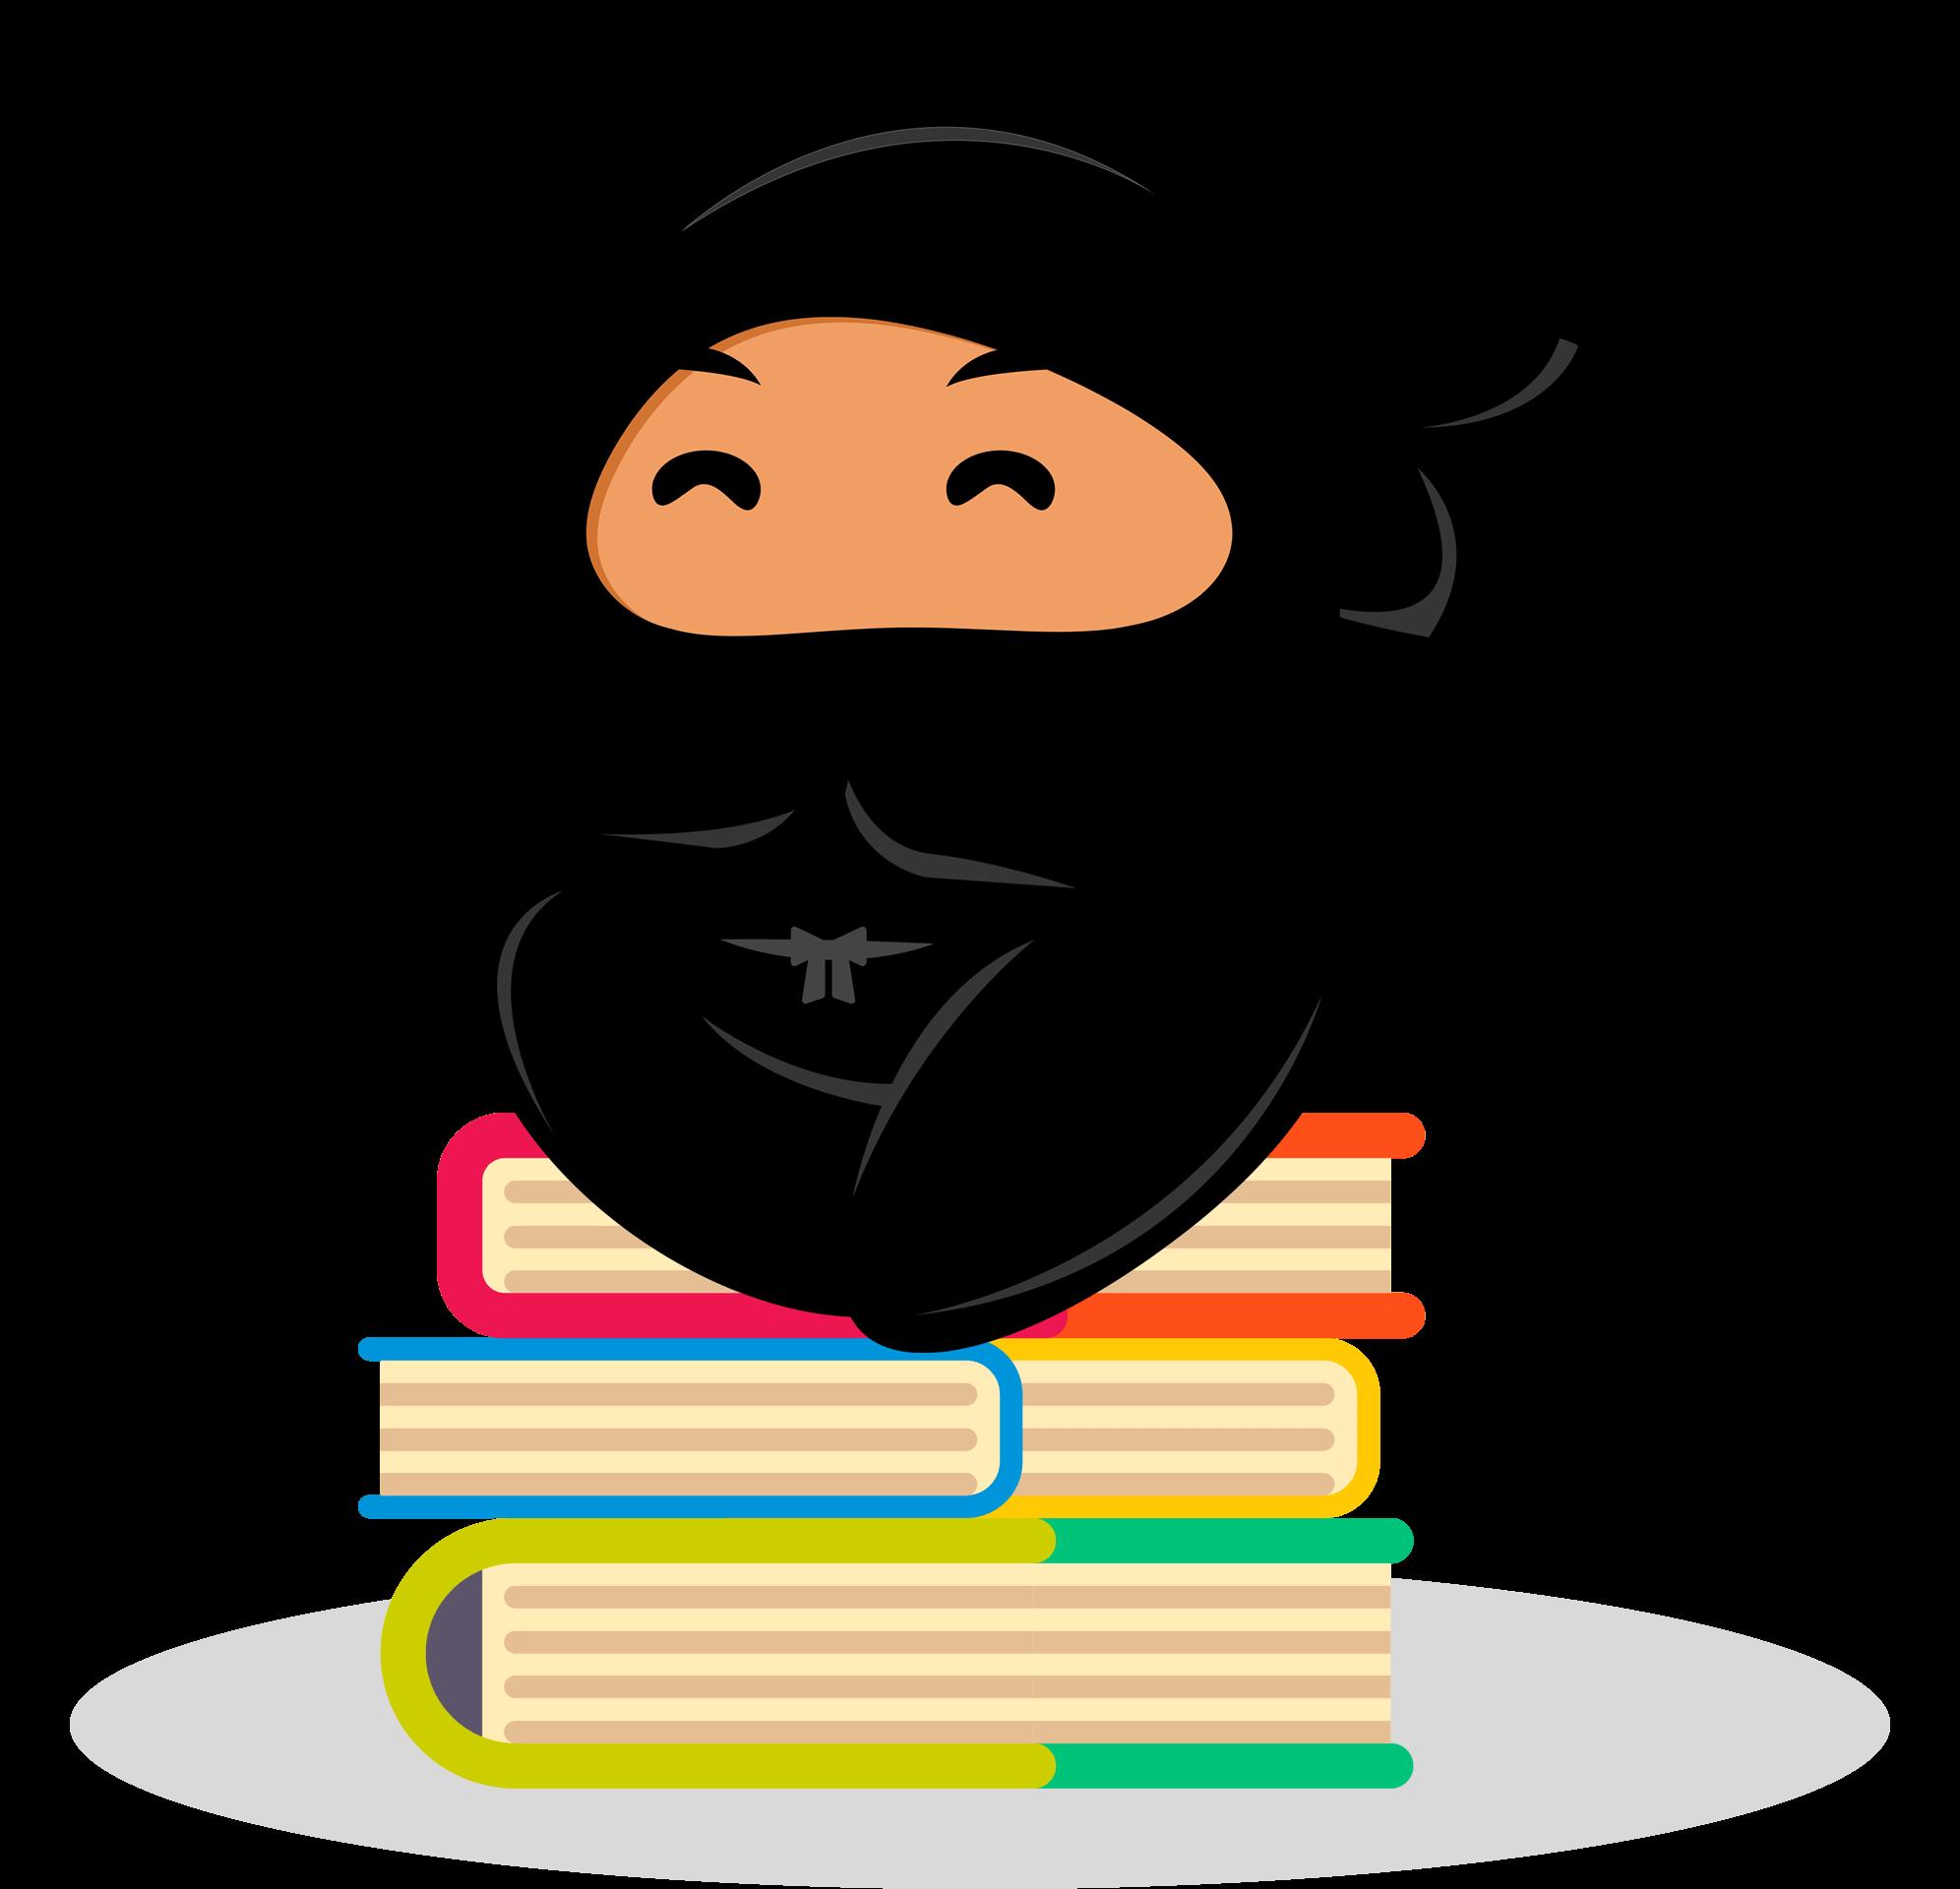 Shinobi sitting on books